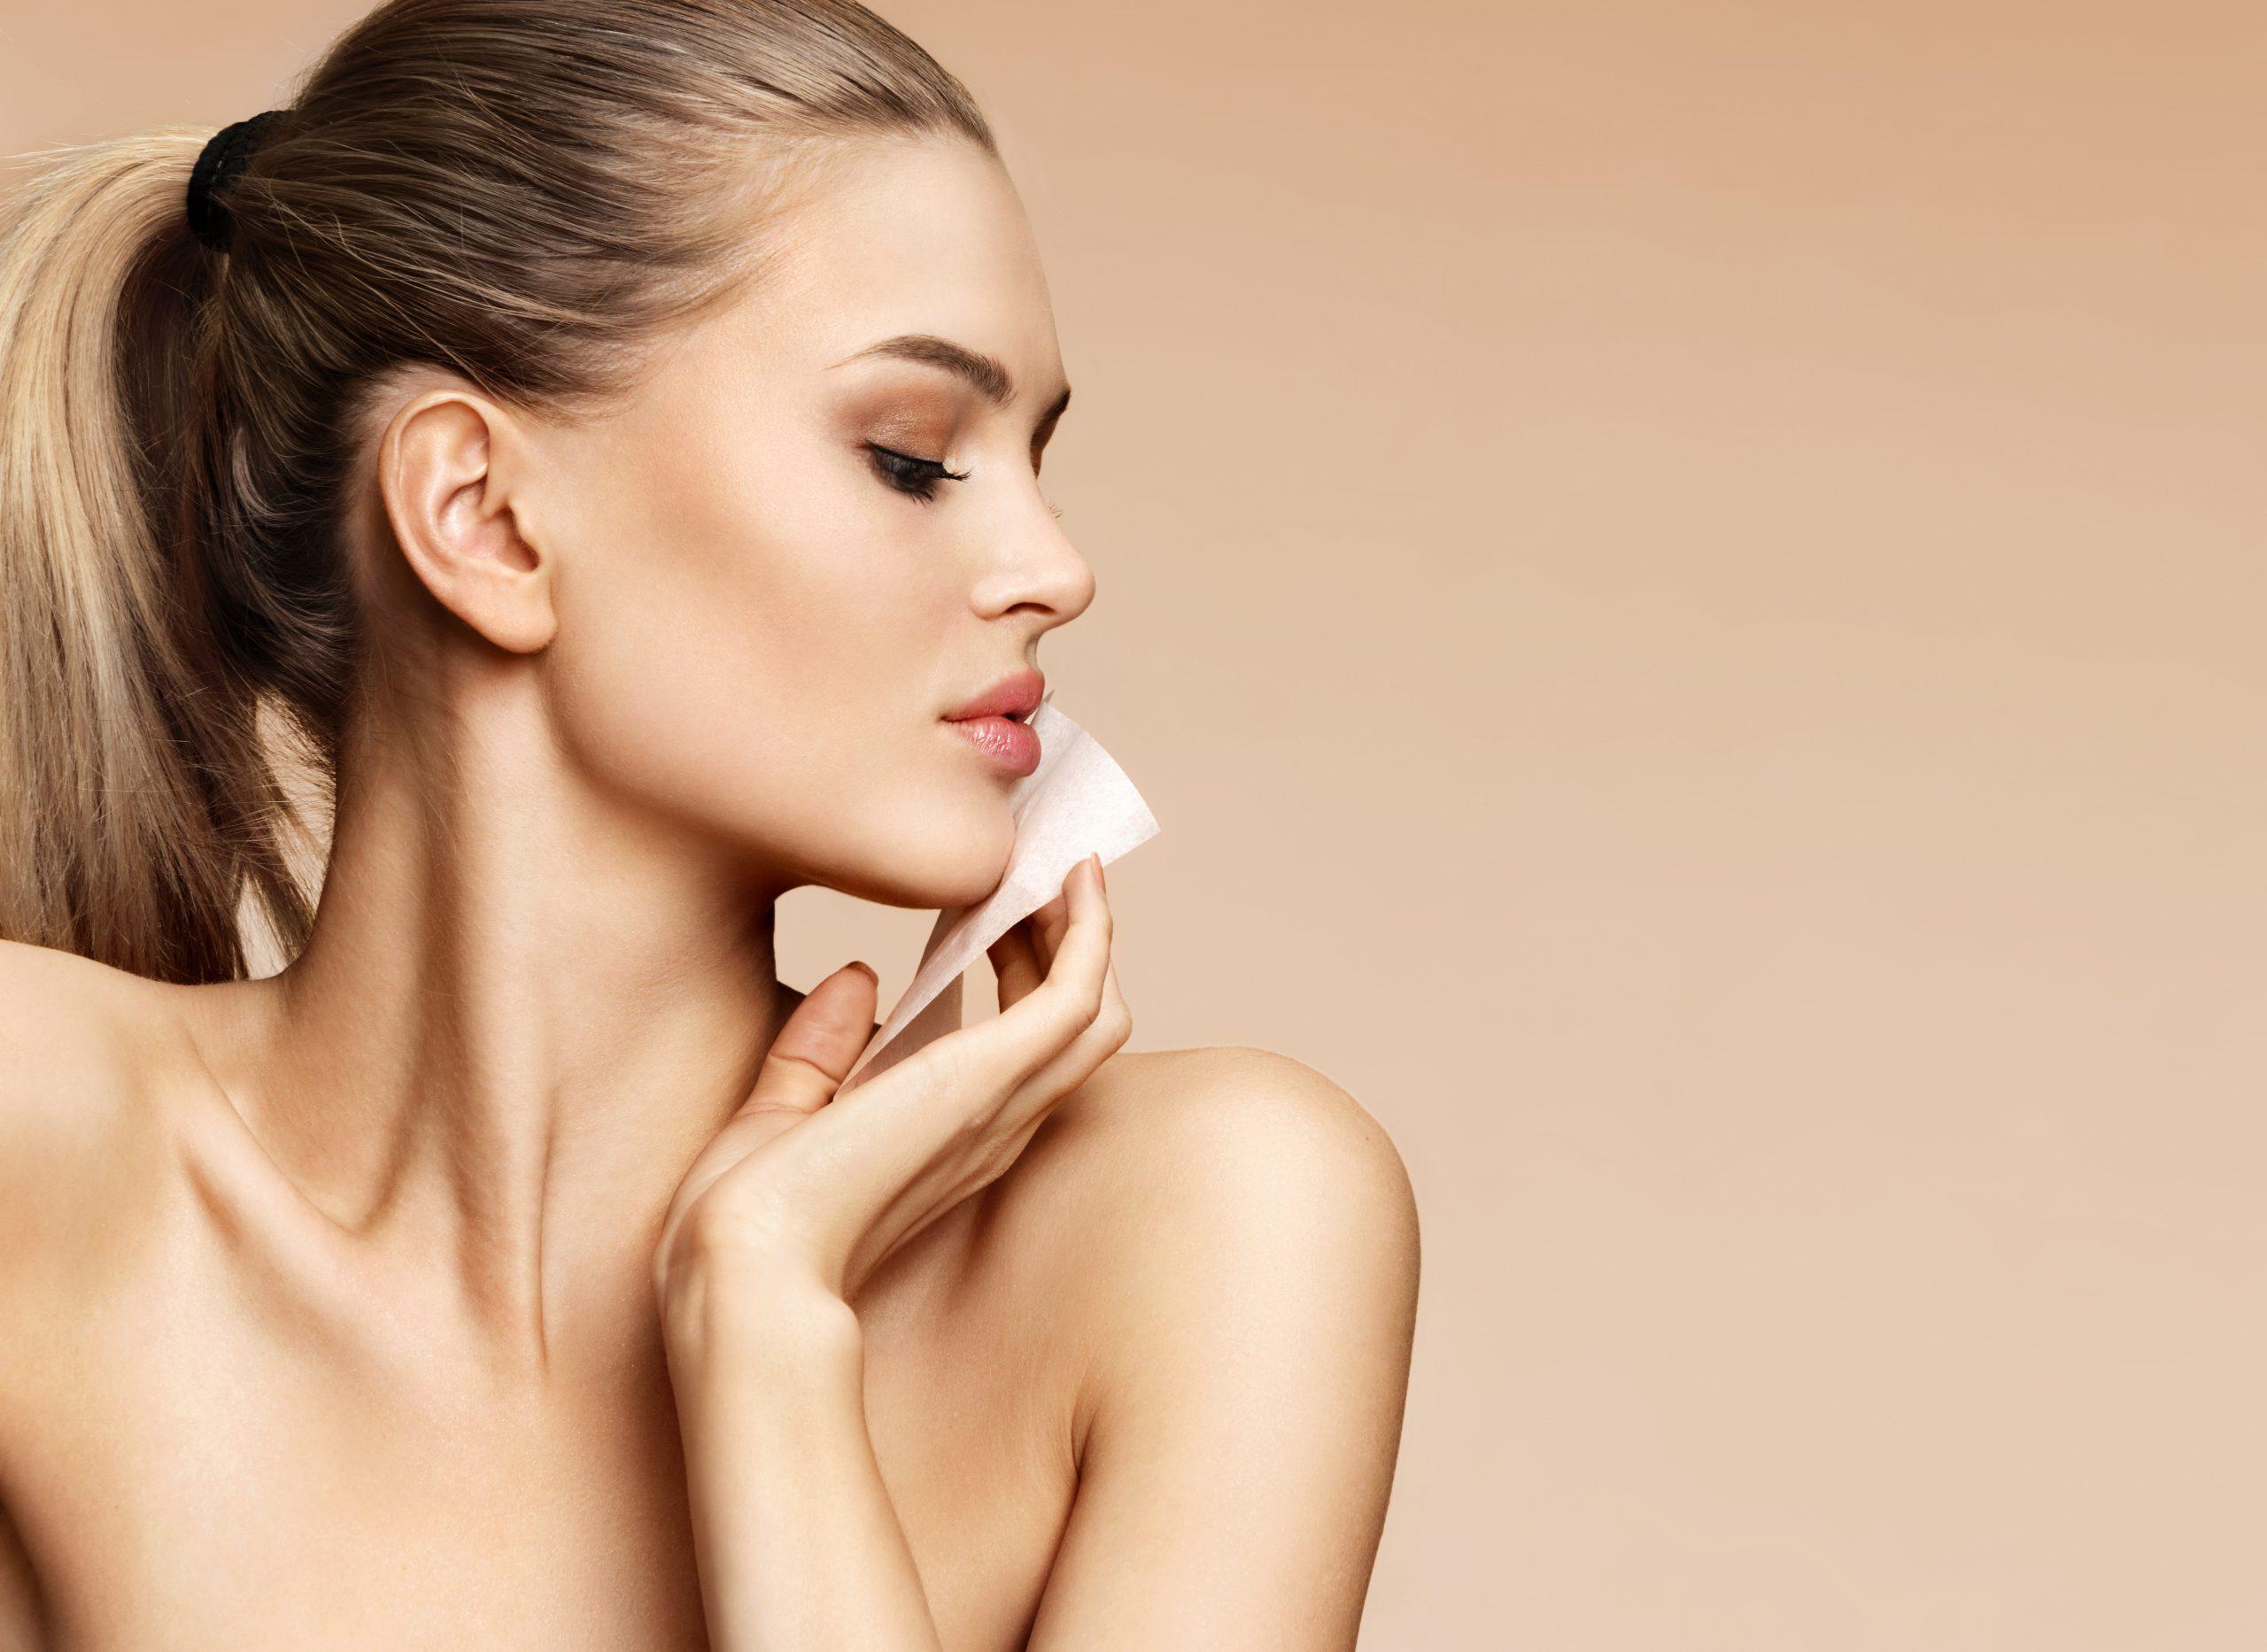 Trwały makijaż dla cery tłustej? To możliwe